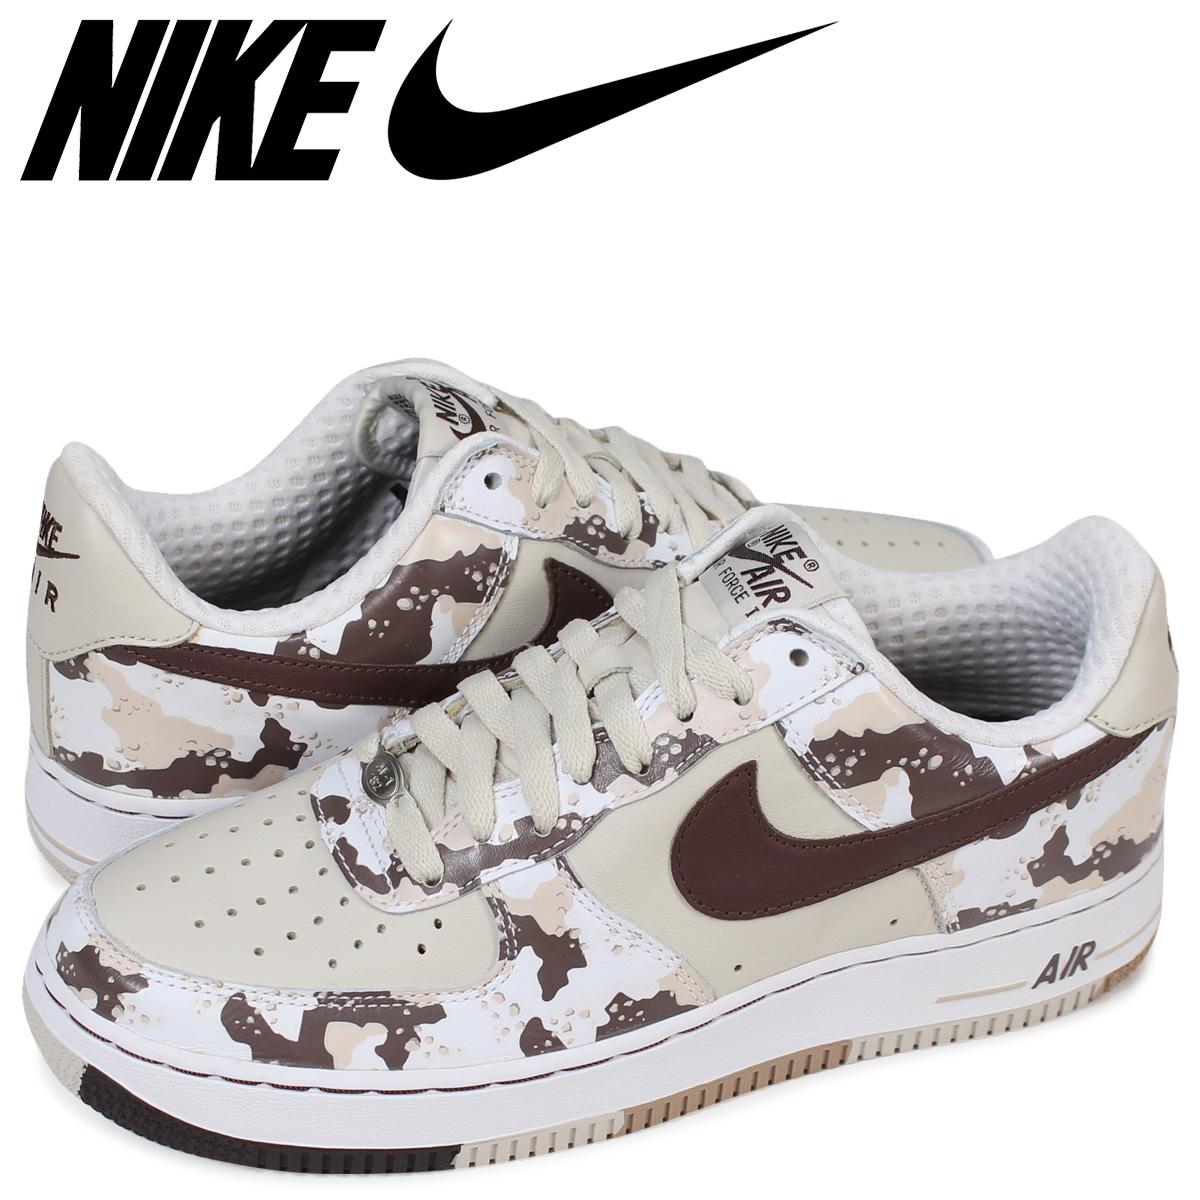 revendeur 726b2 63fa9 NIKE AIR FORCE 1 LOW PREMIUM Nike air force 1 sneakers 313,641-221 men's  shoes duck [1712]